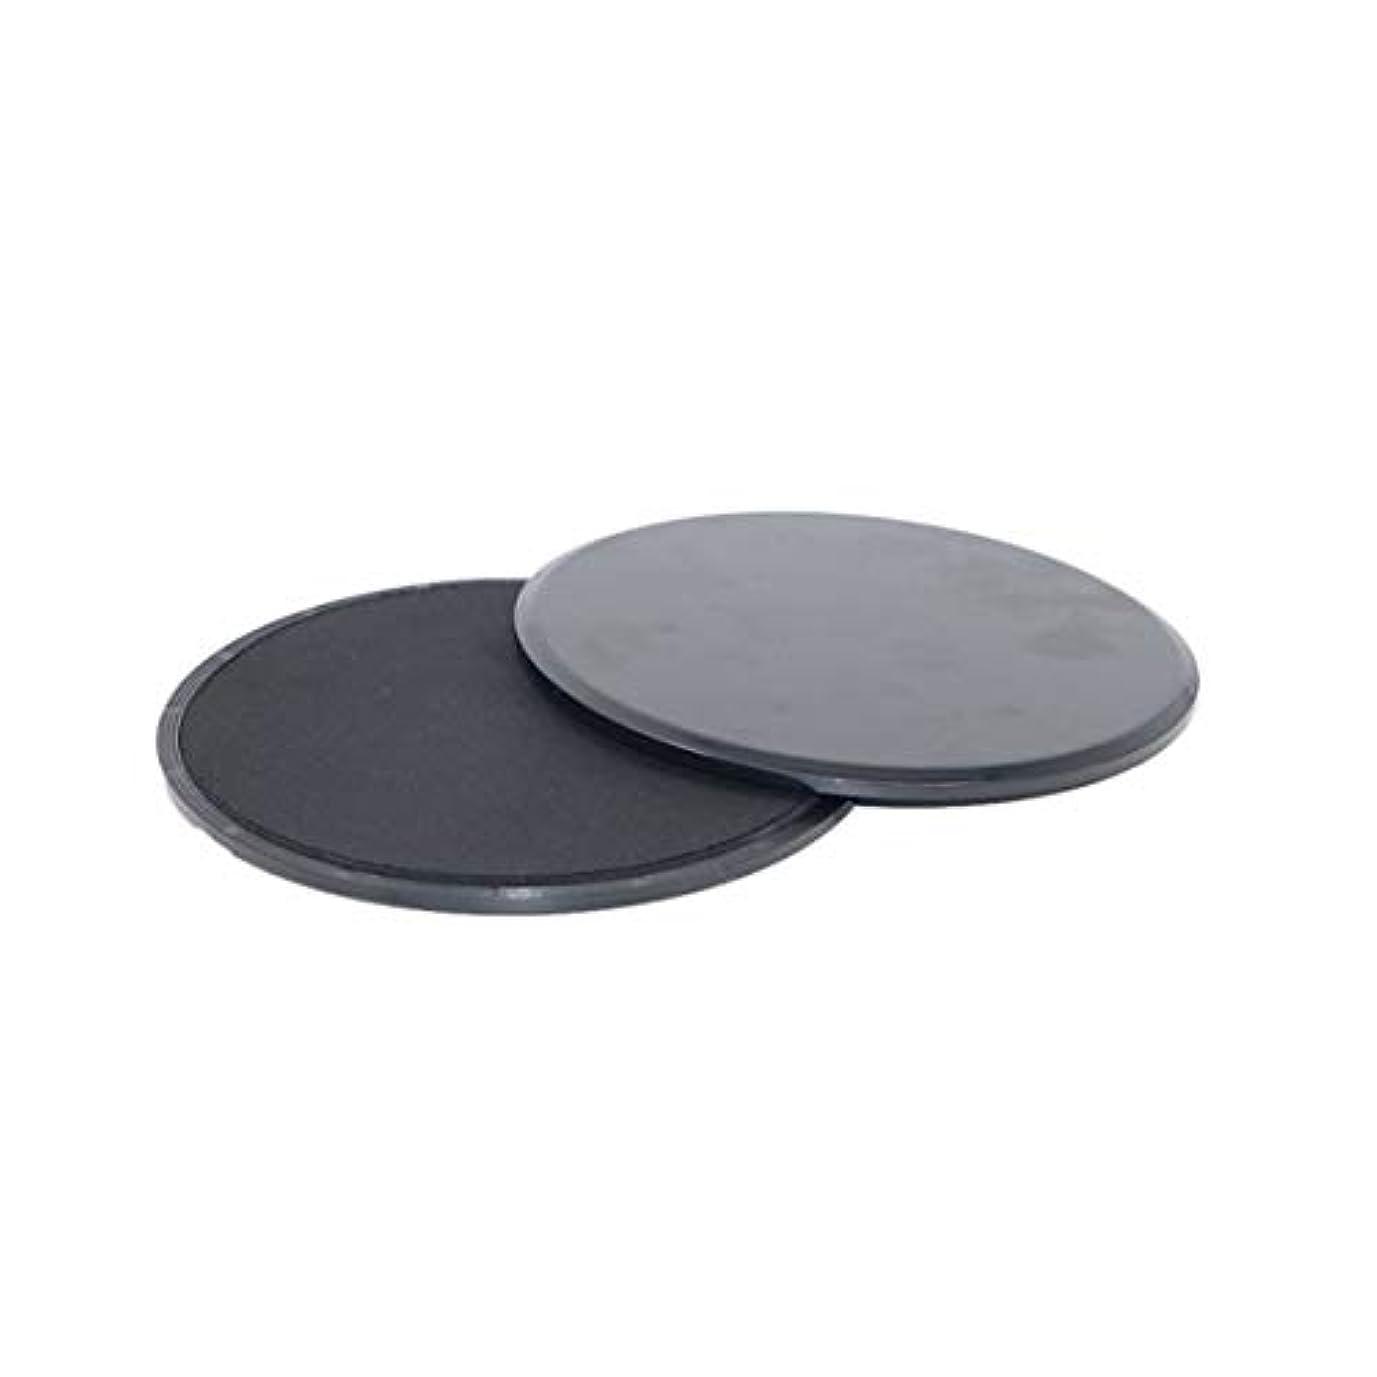 分布空気拷問フィットネススライドグライディングディスク調整能力フィットネスエクササイズスライダーコアトレーニング腹部と全身トレーニング用 - ブラック